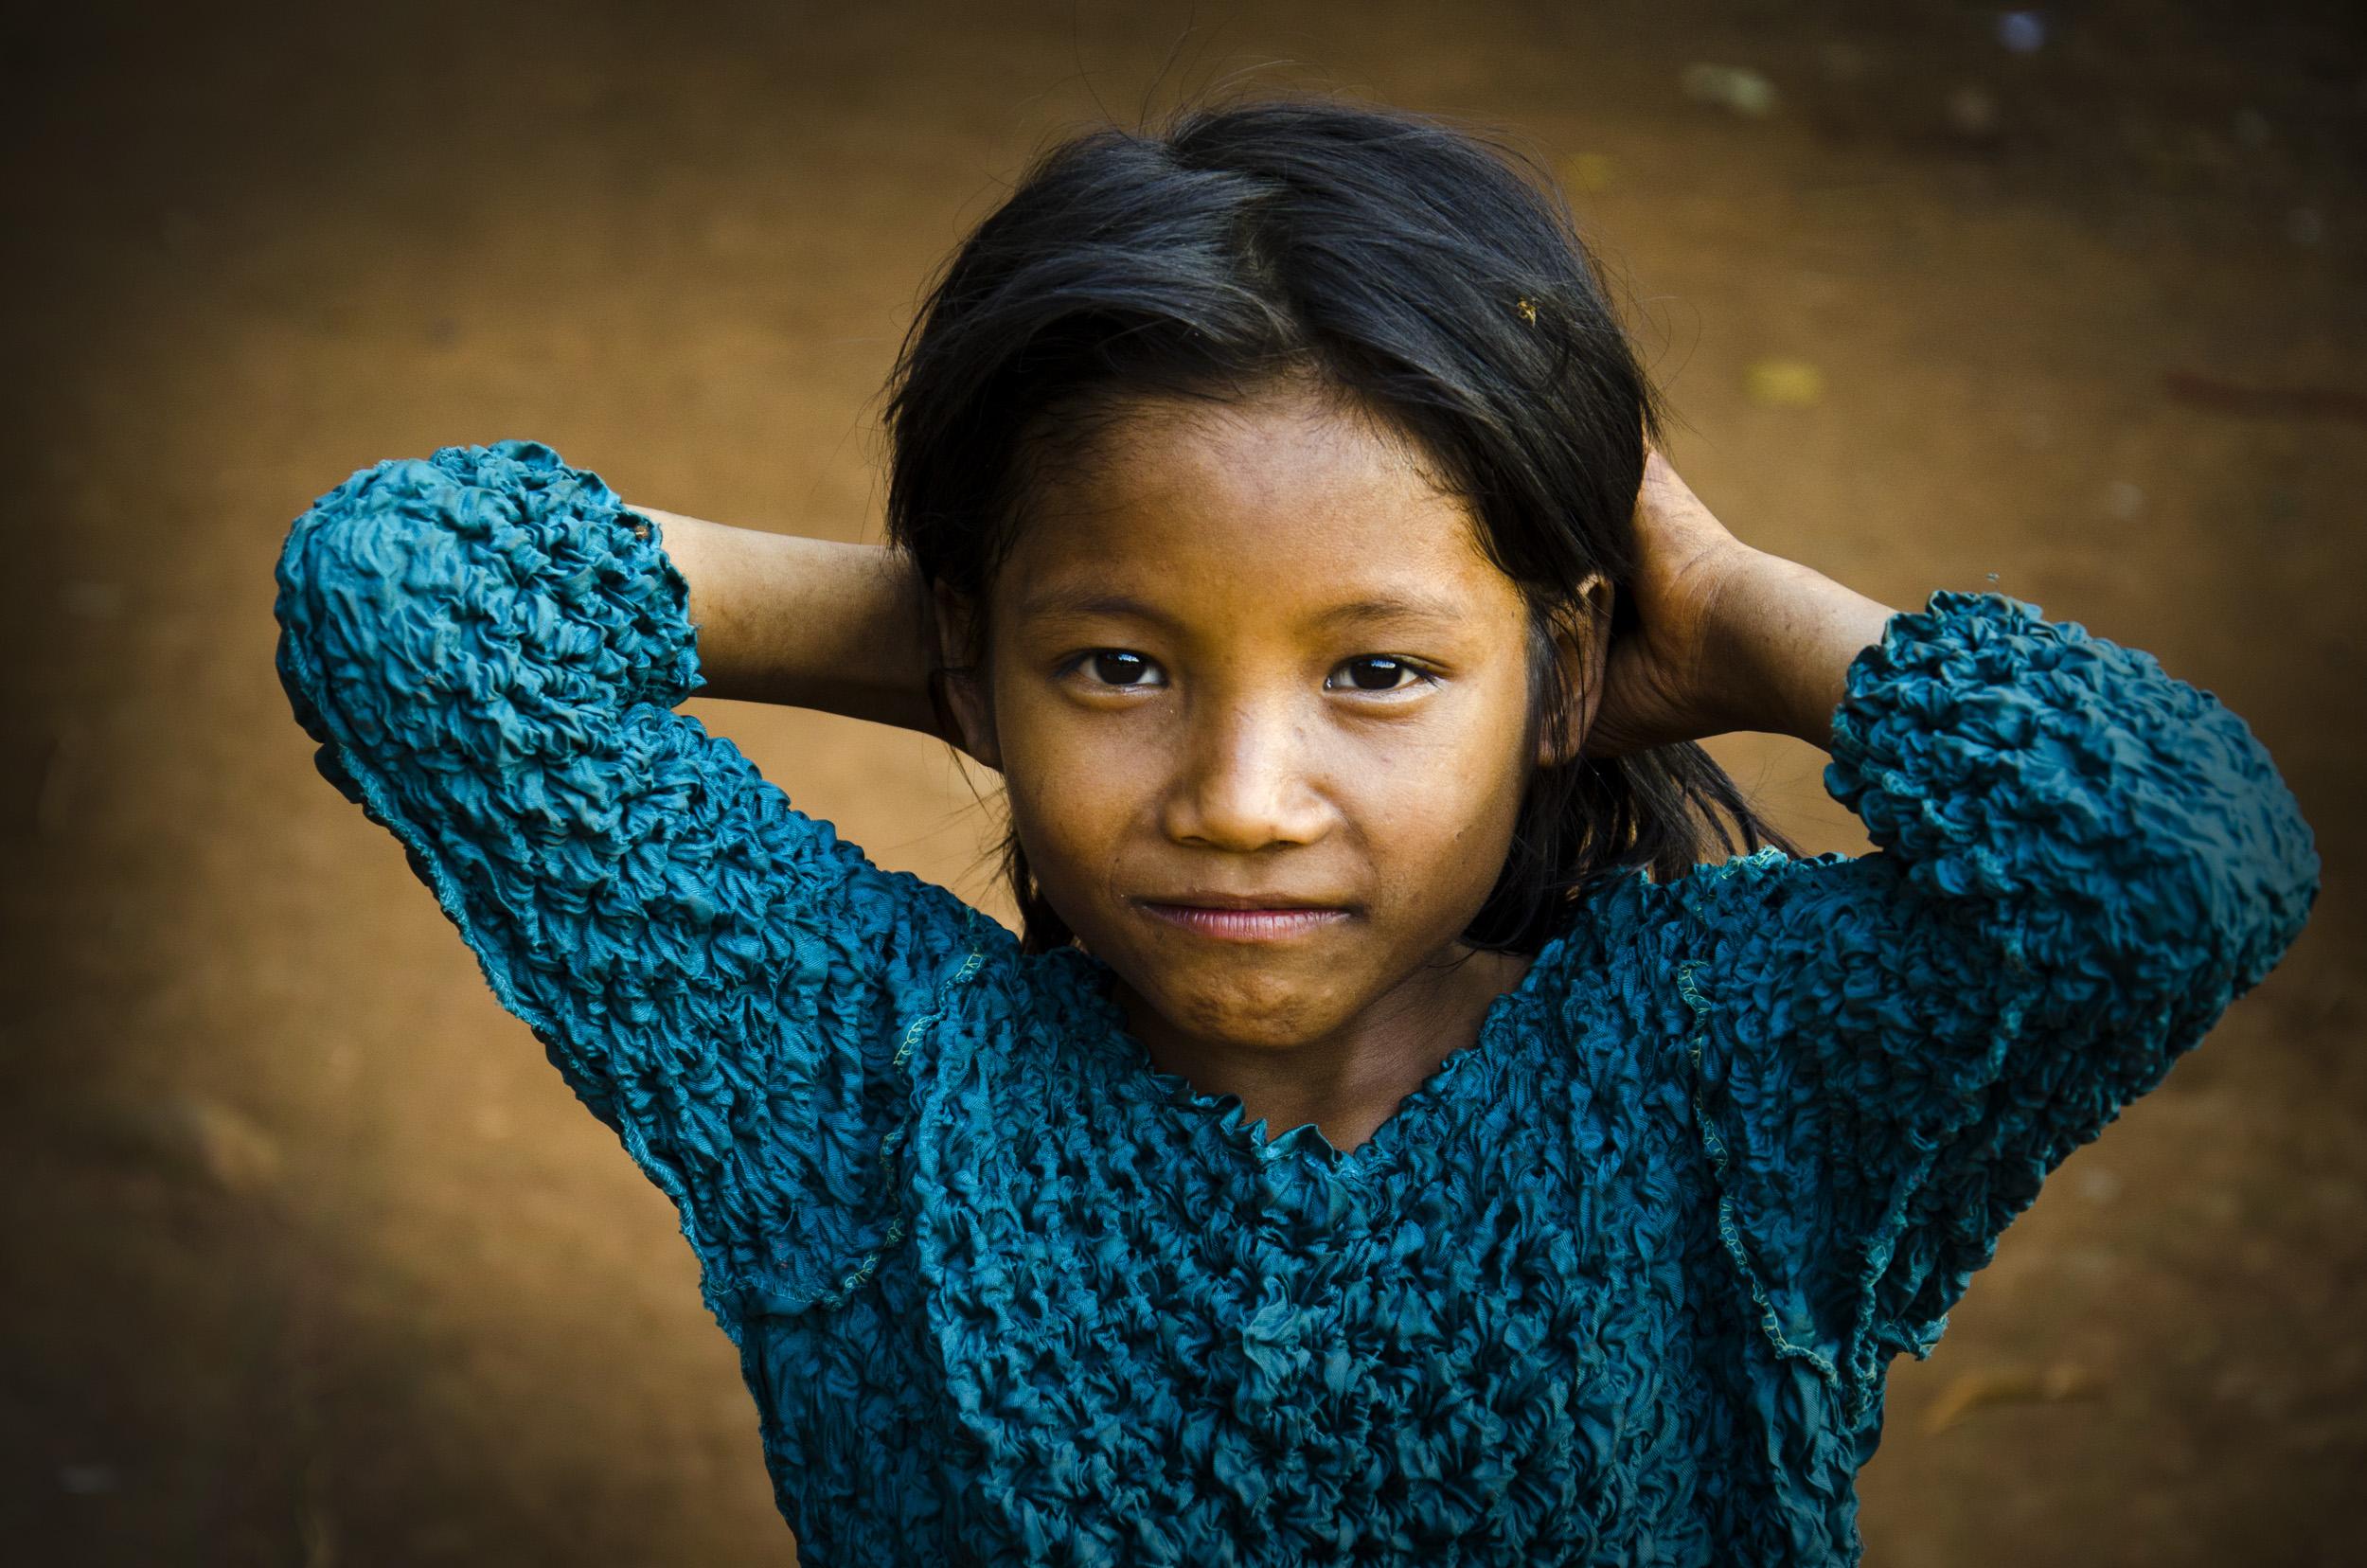 Ethnic Minority Krung (kreung) Girl, in Ratanakiri Province